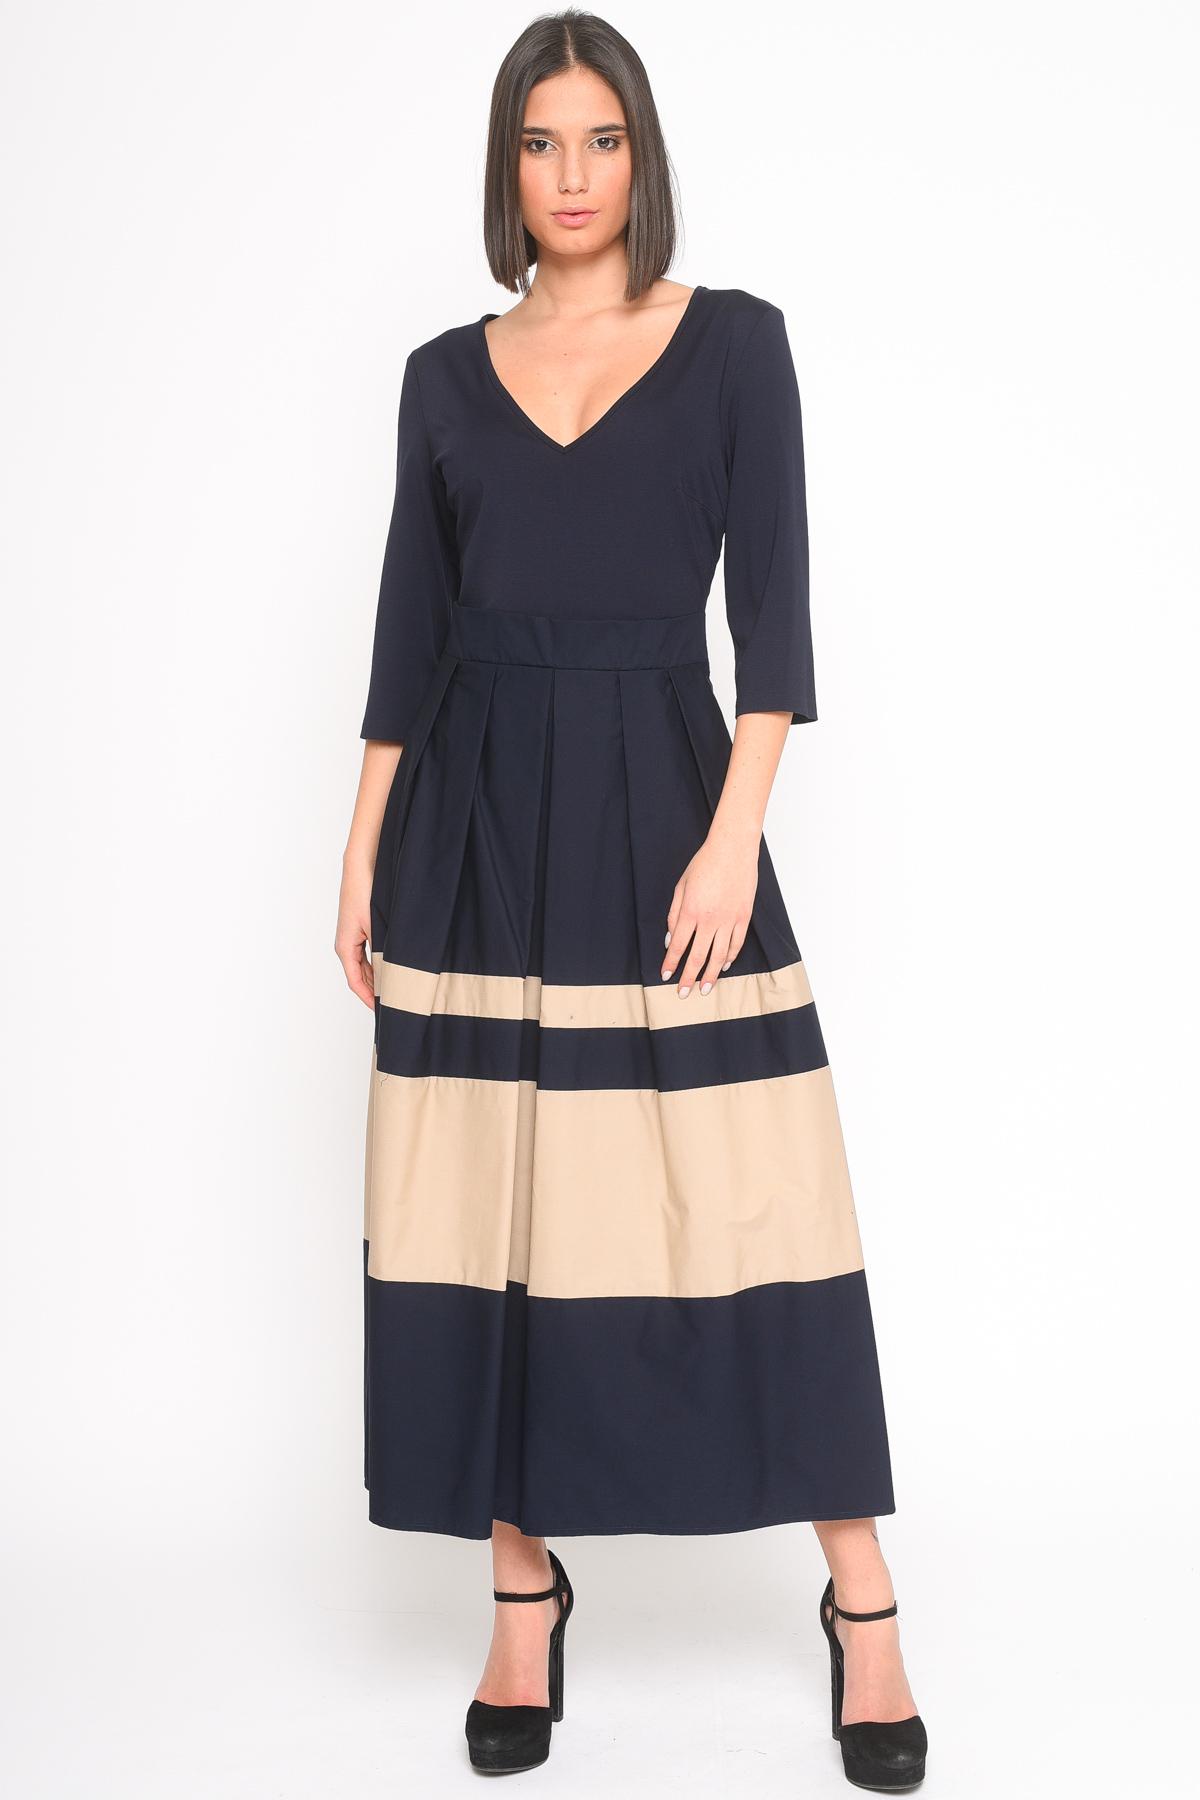 ABITO CON GONNA A  BALZE da donna - BLU/BEIGE - Paquito Pronto Moda Shop Online